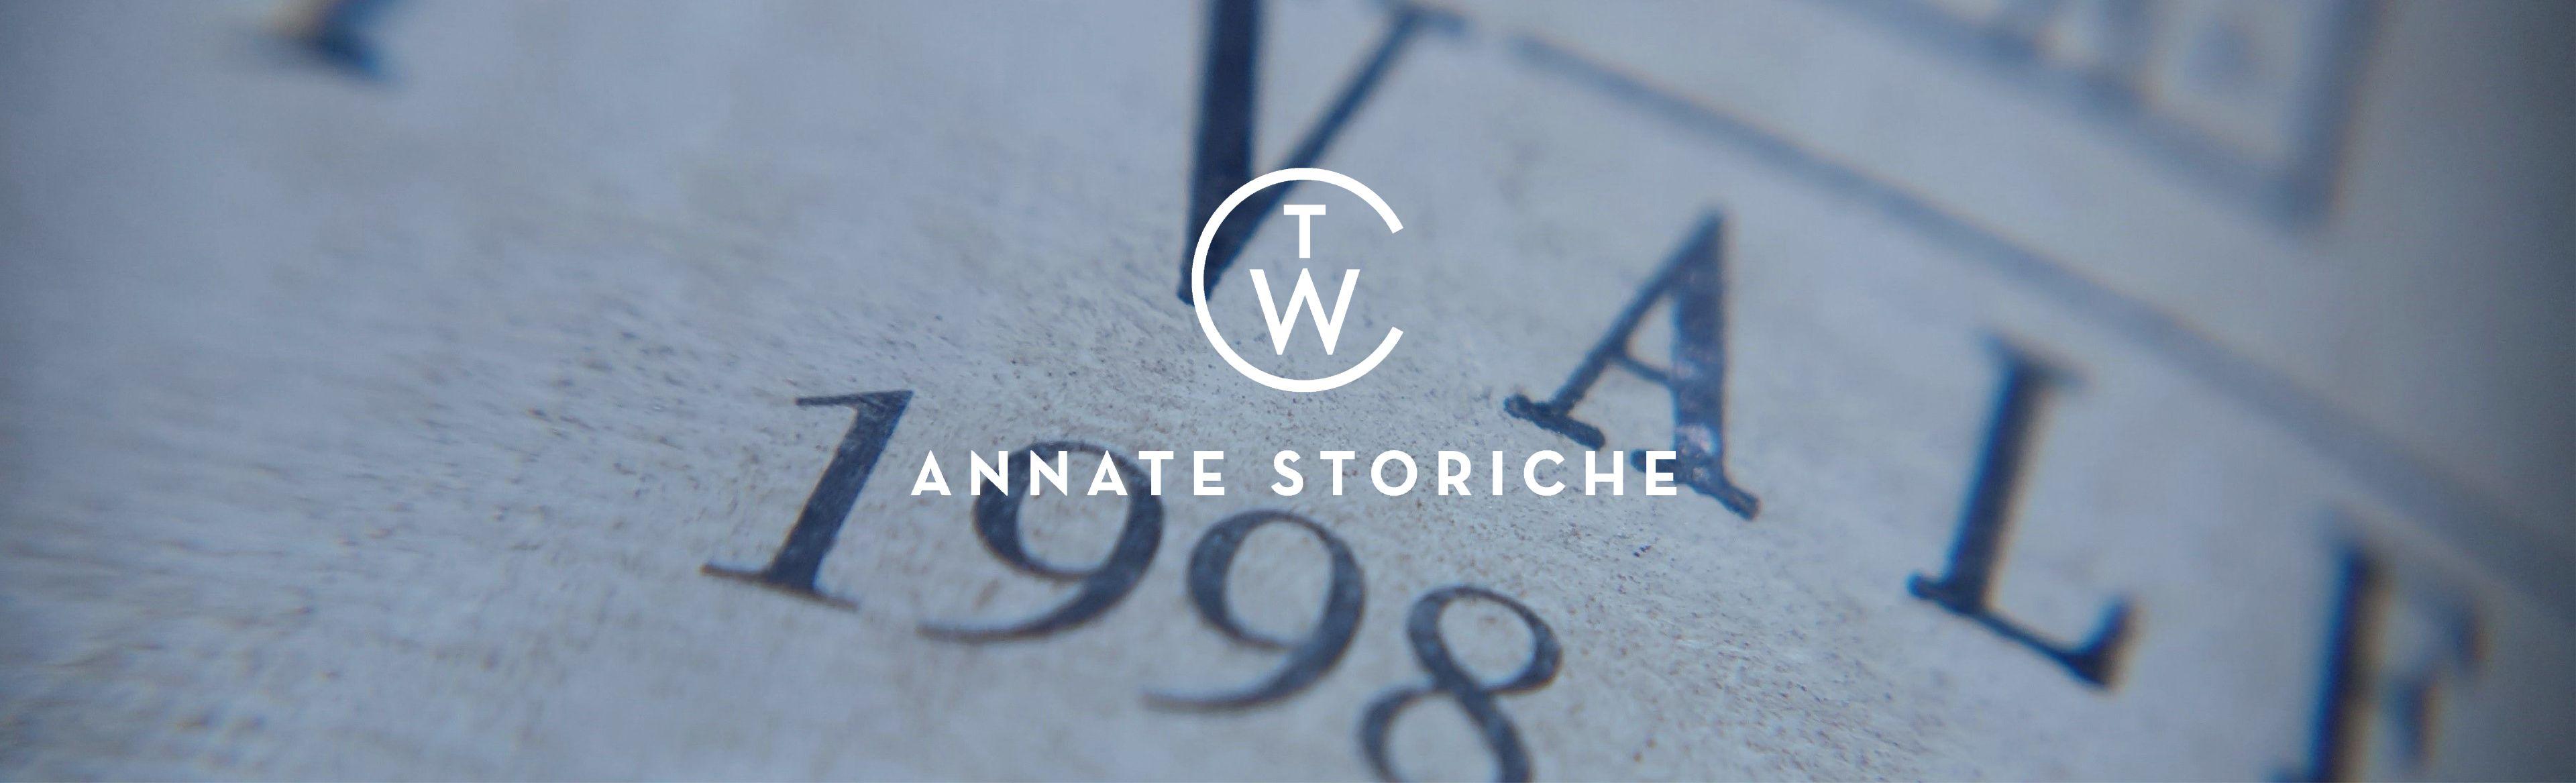 TWC Annate Storiche